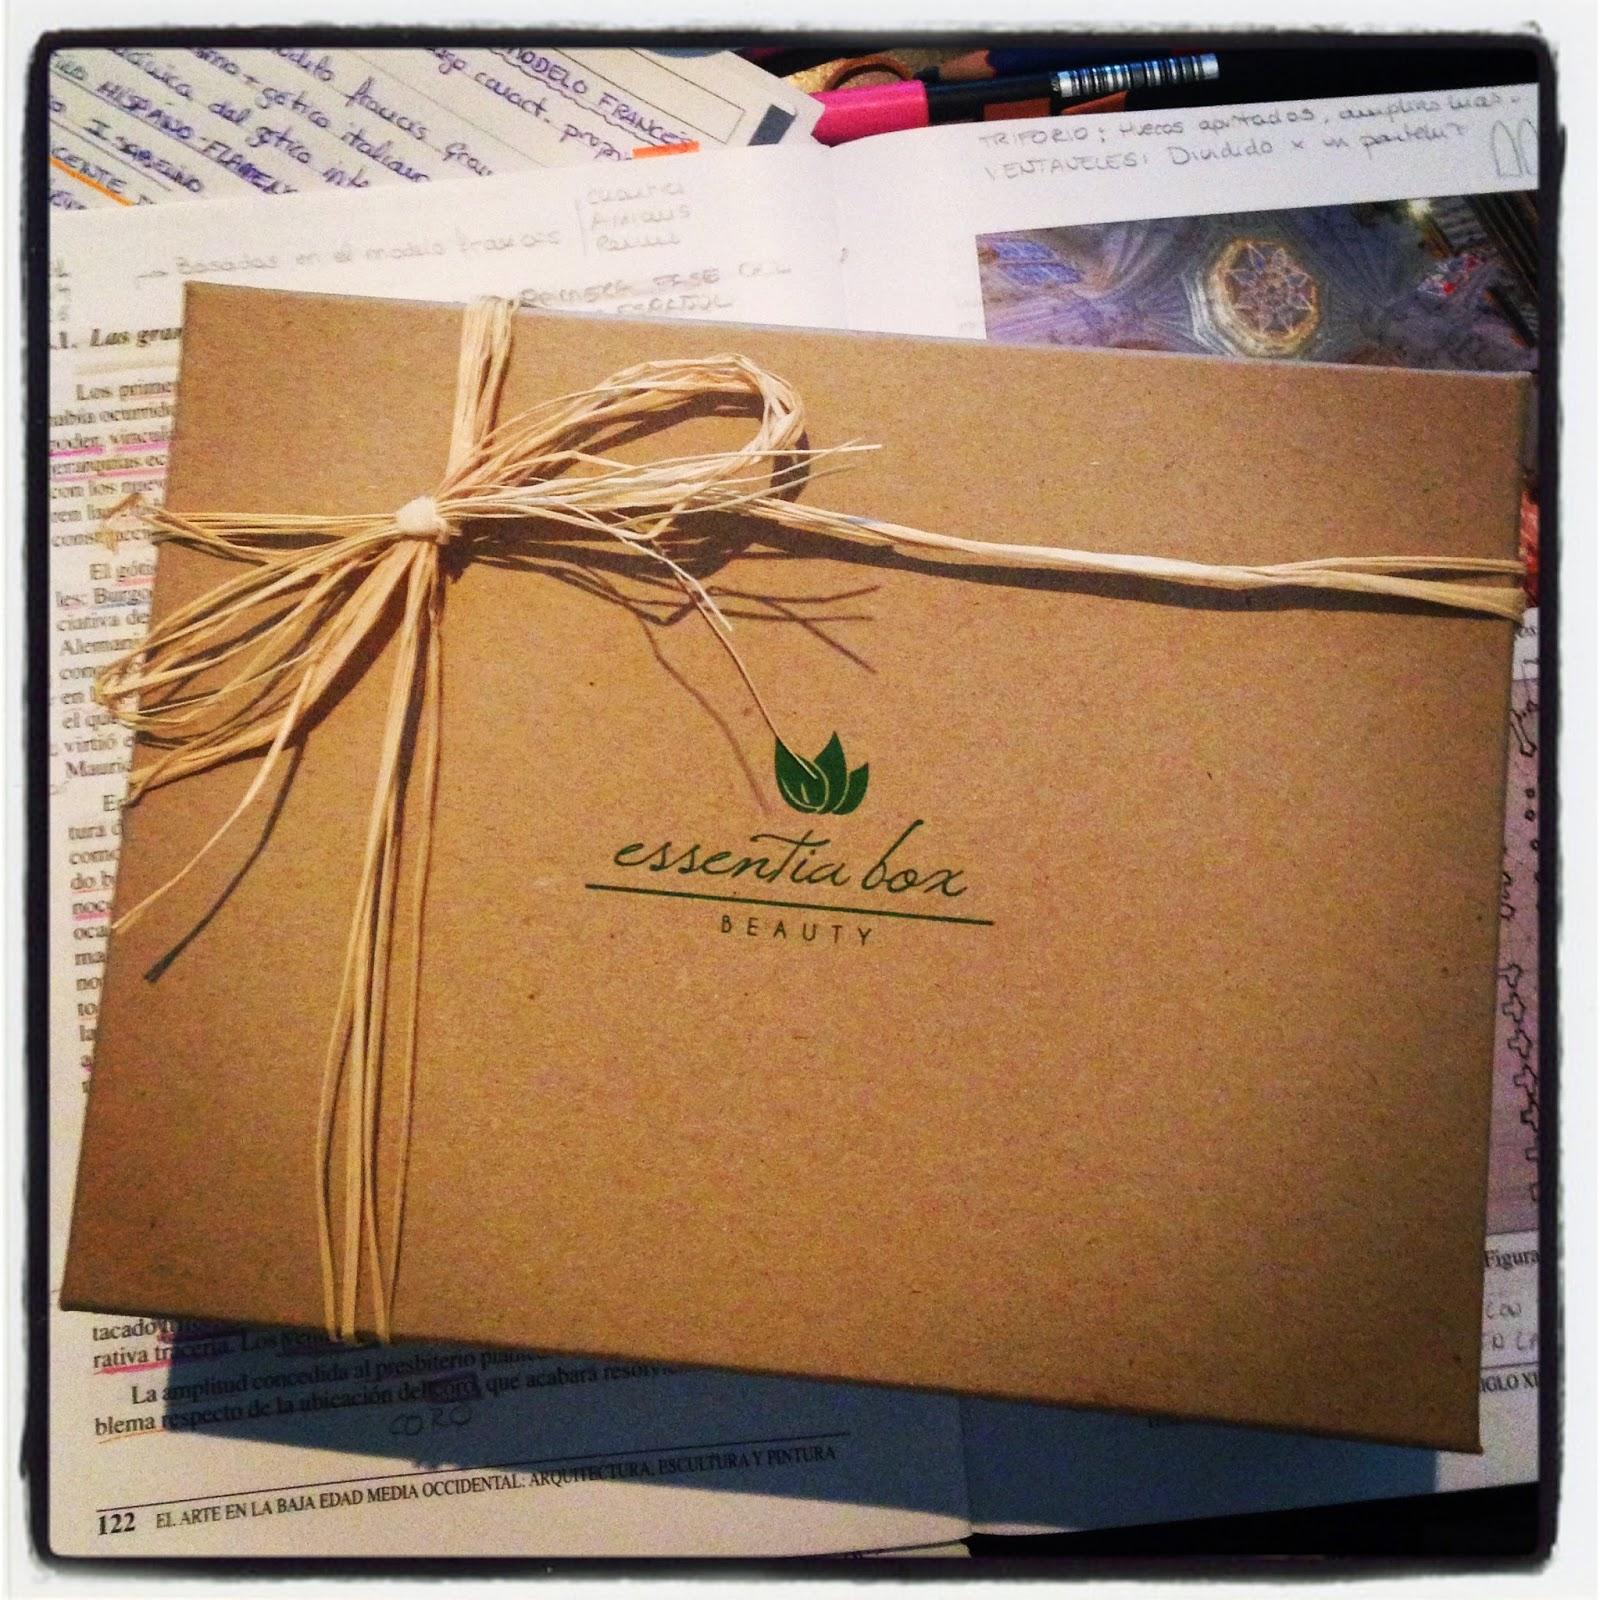 Essentia Box de Abril: Pasión por la fruta.